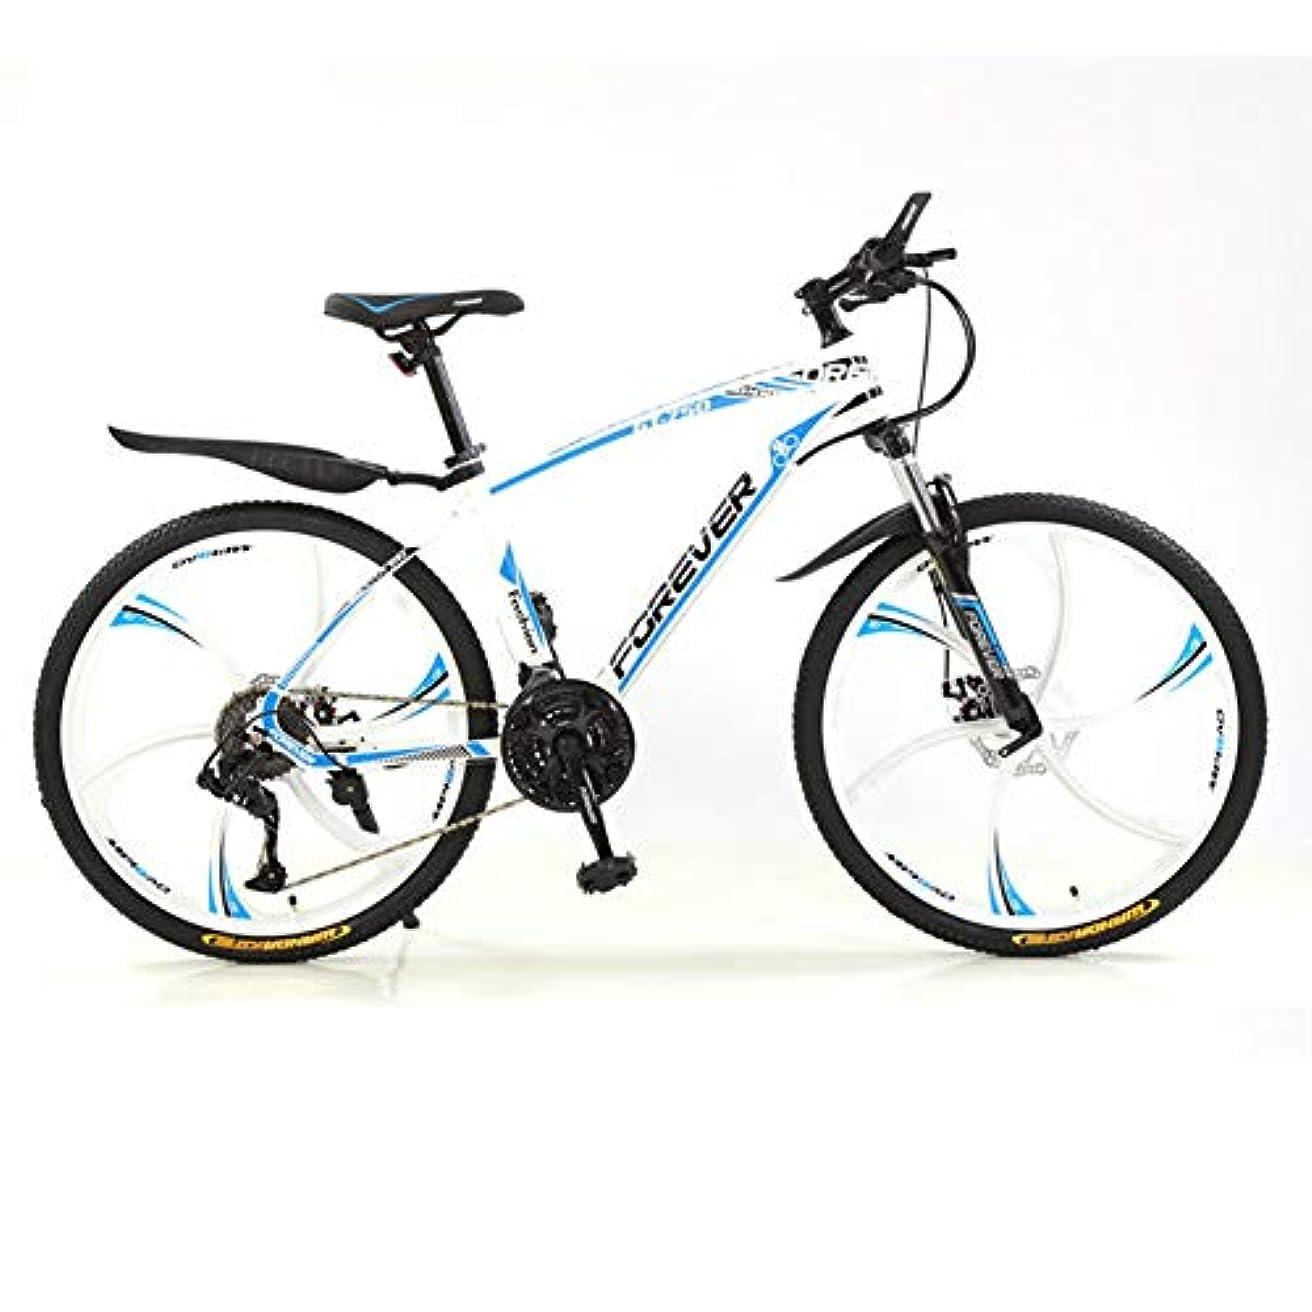 ジョージバーナード適性本物男性と女性のための24/26インチフレームディスクブレーキキックスタンド21/24/27/30速度のマウンテンバイク。